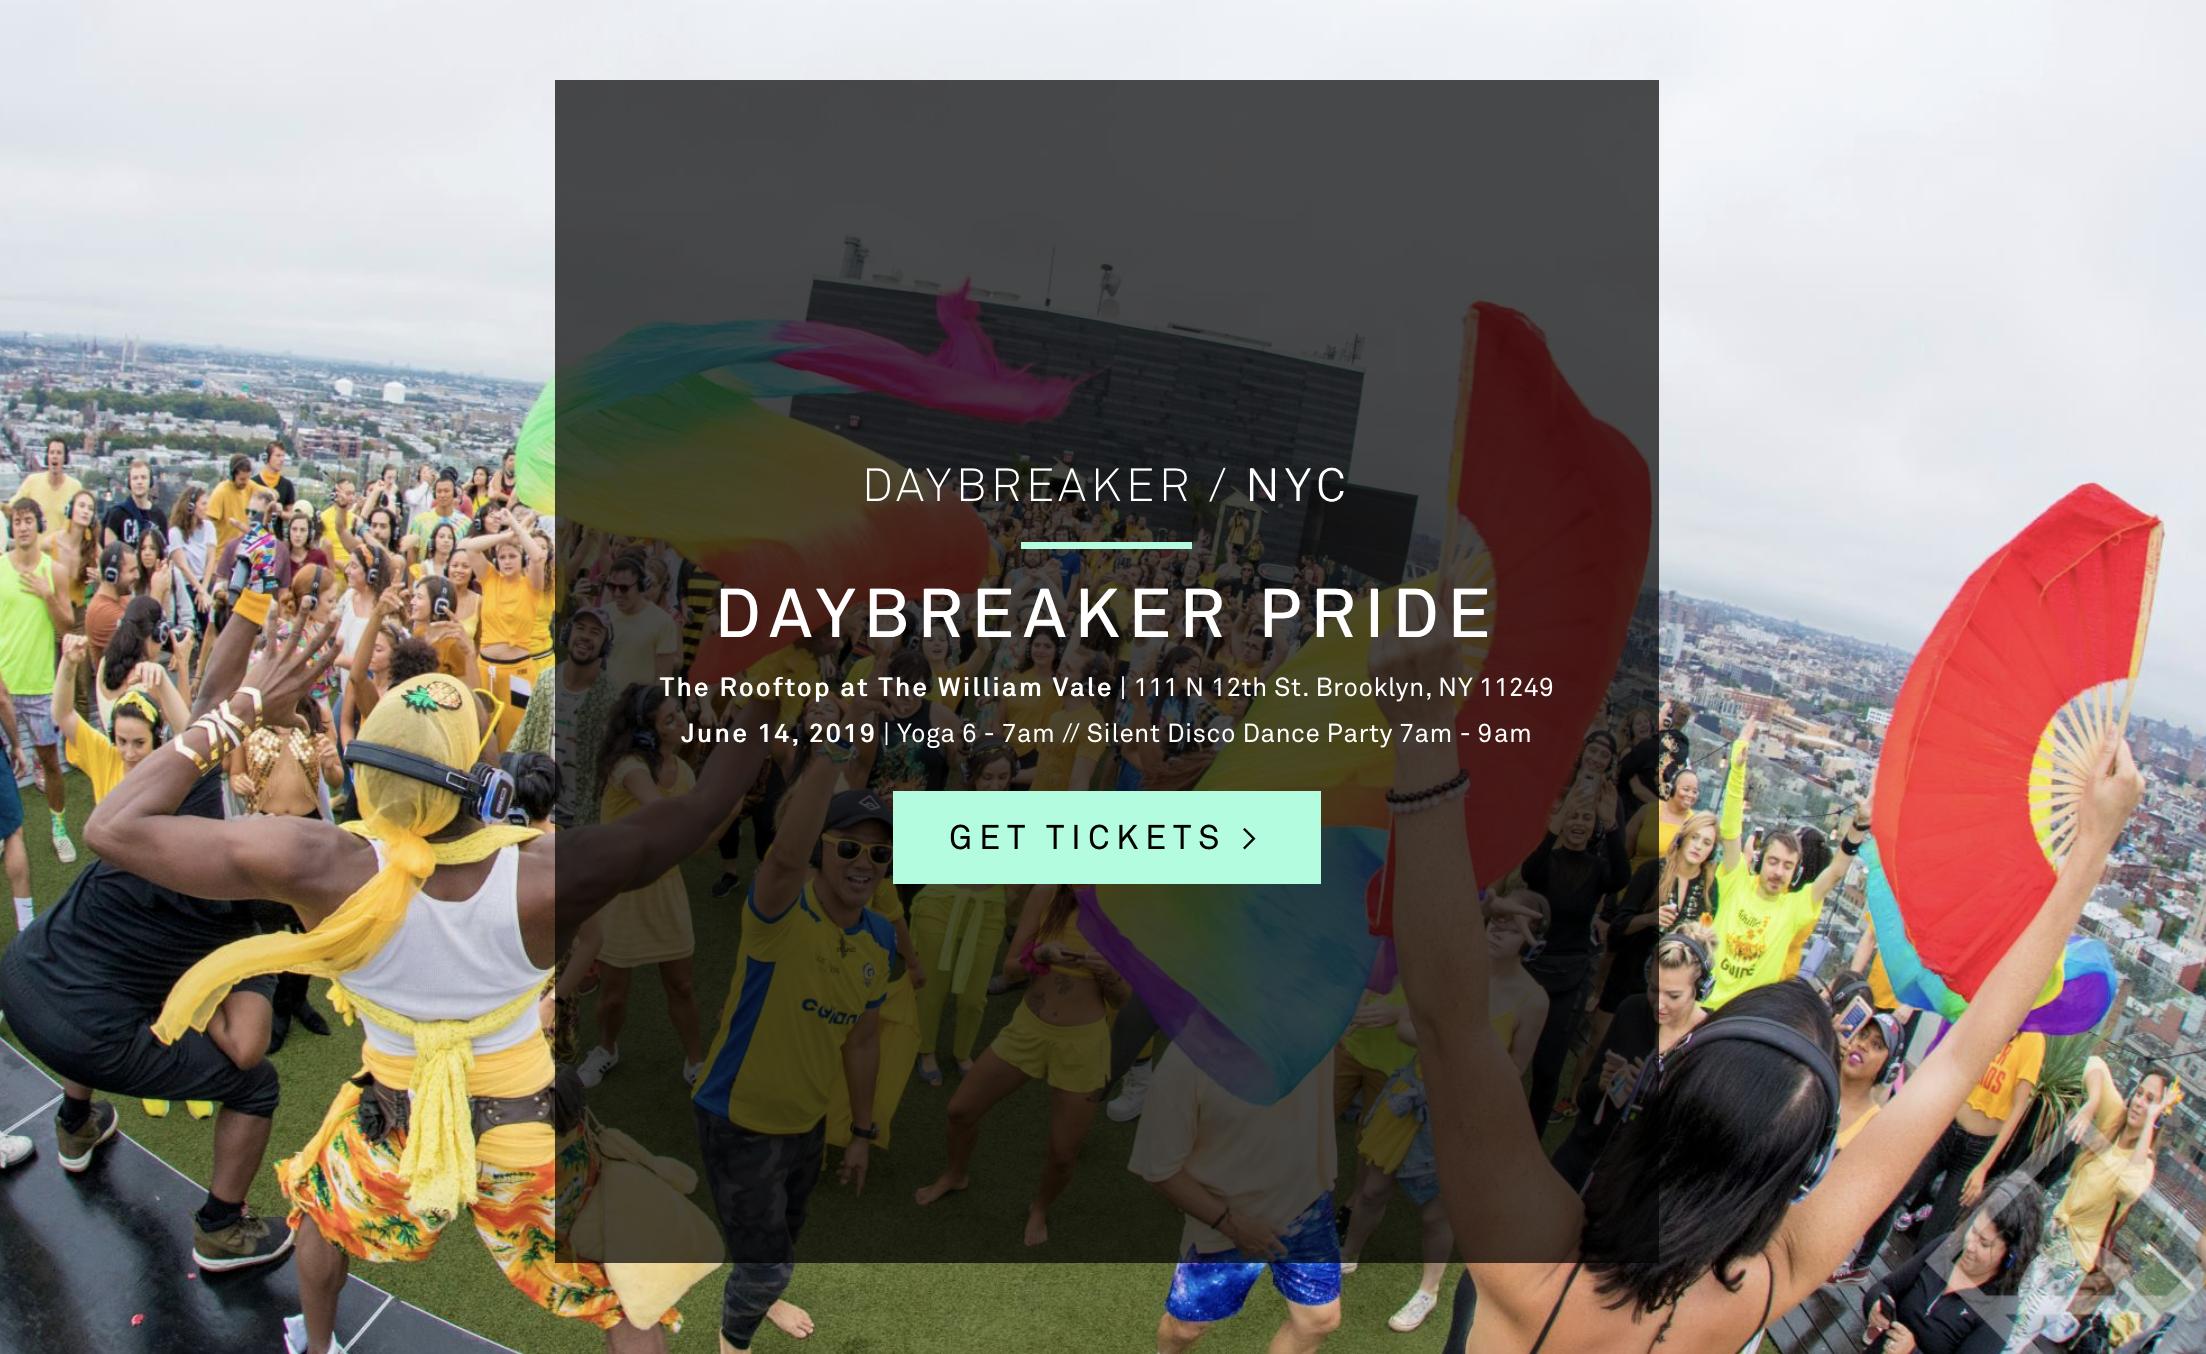 Daybreaker Pride - June 14 2019The William Vale Rooftop, Brooklyn